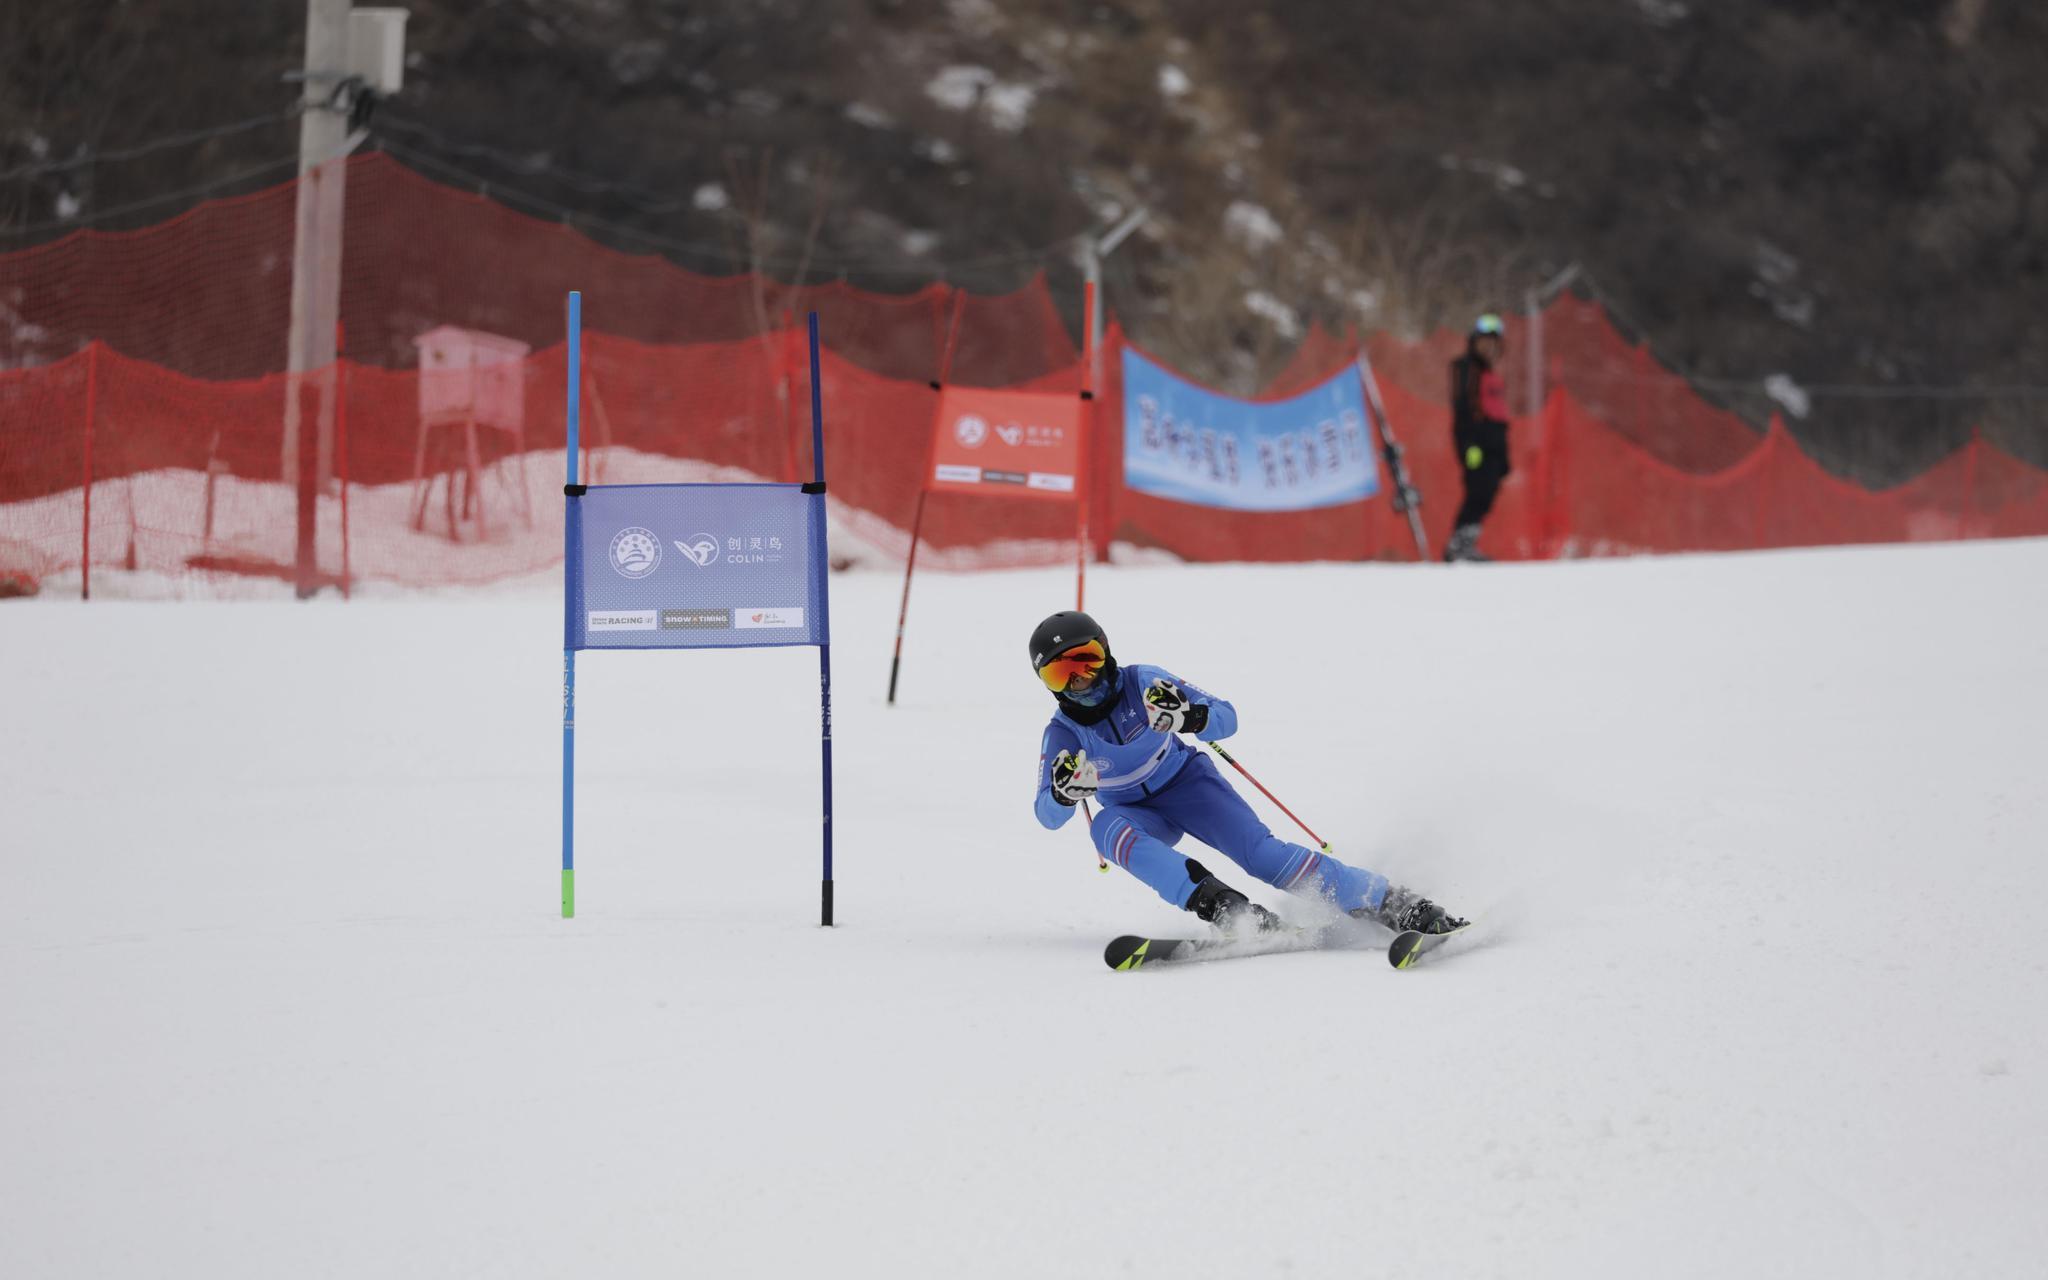 除了高山滑雪,群众雪上比赛还有这些新玩法图片